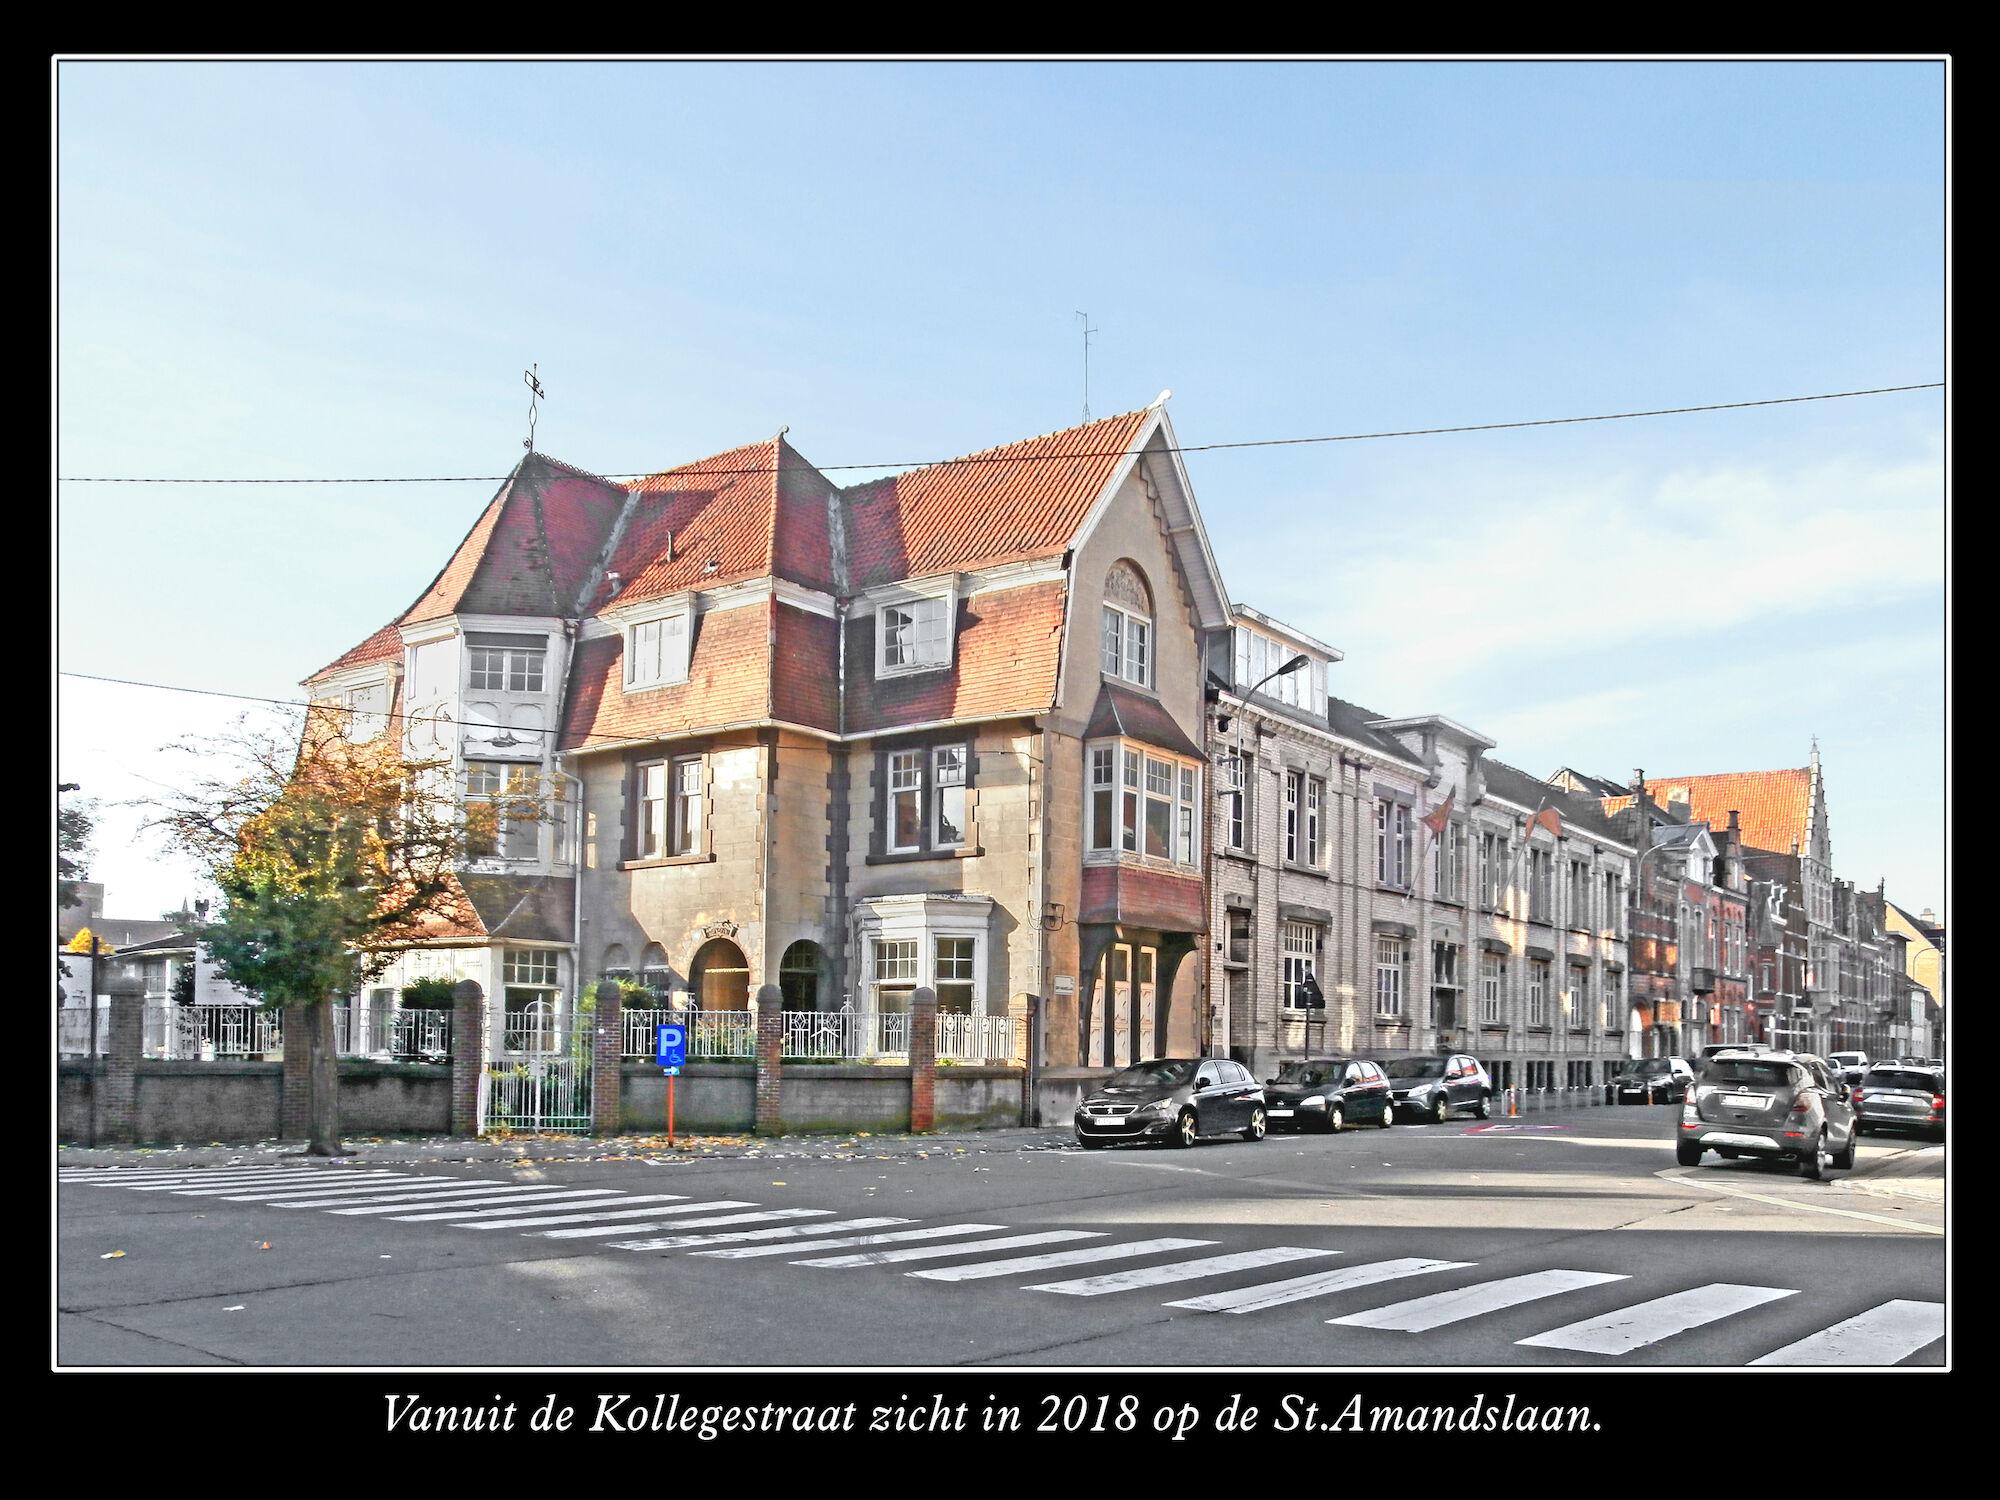 Sint-Amandslaan